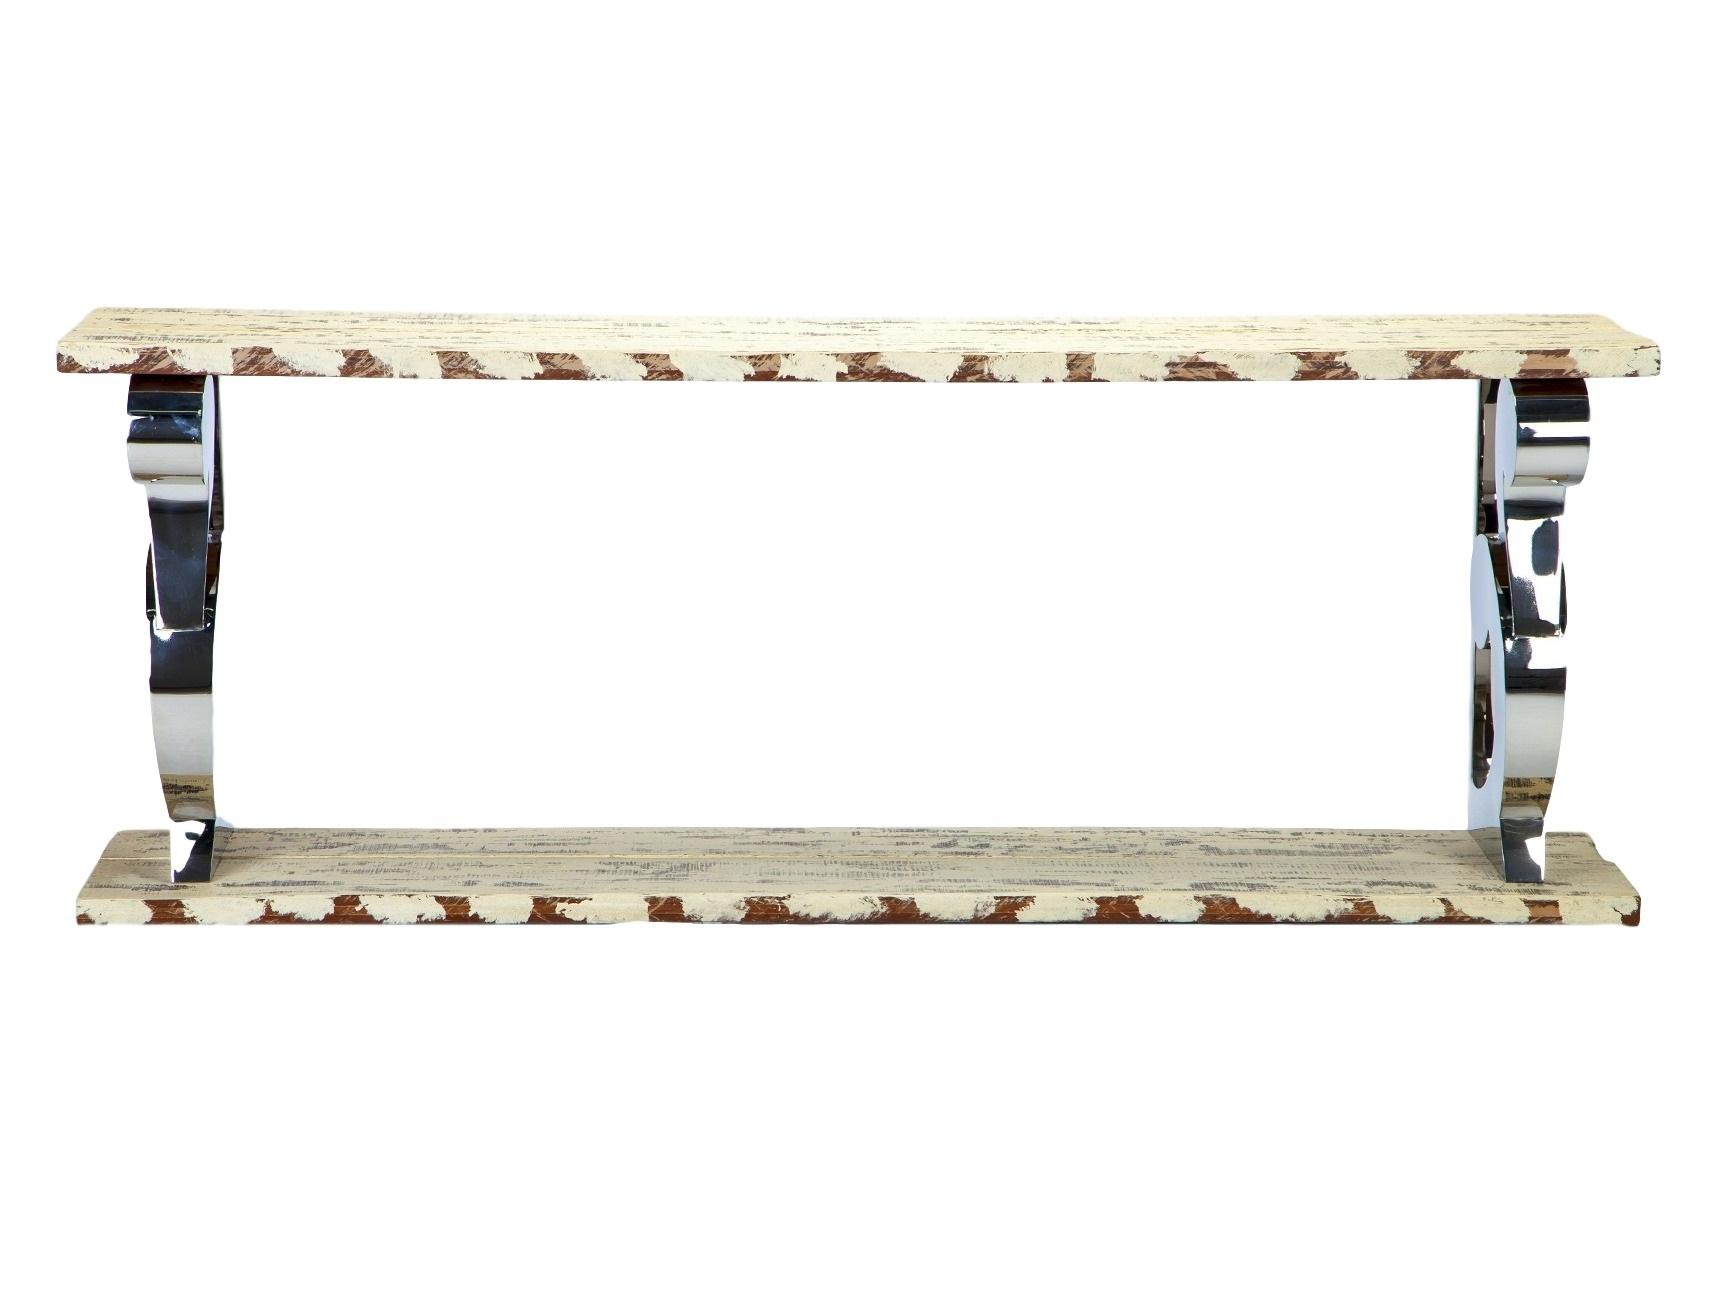 КонсольИнтерьерные консоли<br>Консоль на декоративных ножках из стали. Столешница и нижнее основание из дерева окрашены в белый цвет с элементами старения.<br><br>Material: Сталь<br>Width см: 200<br>Depth см: 45<br>Height см: 75